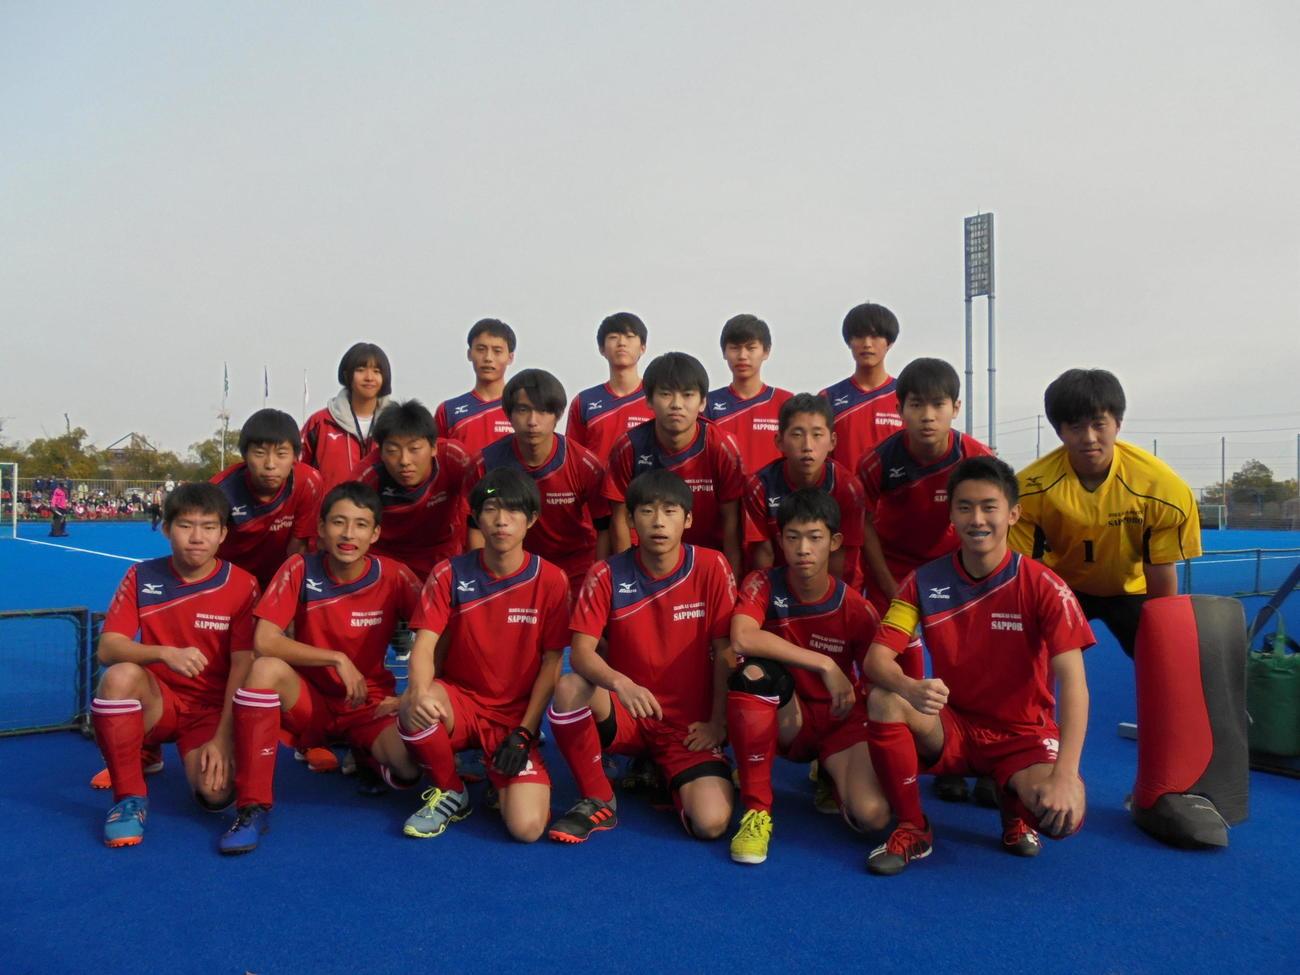 昨年12月に全国高校選抜に出場した北海学園札幌の現選手たち